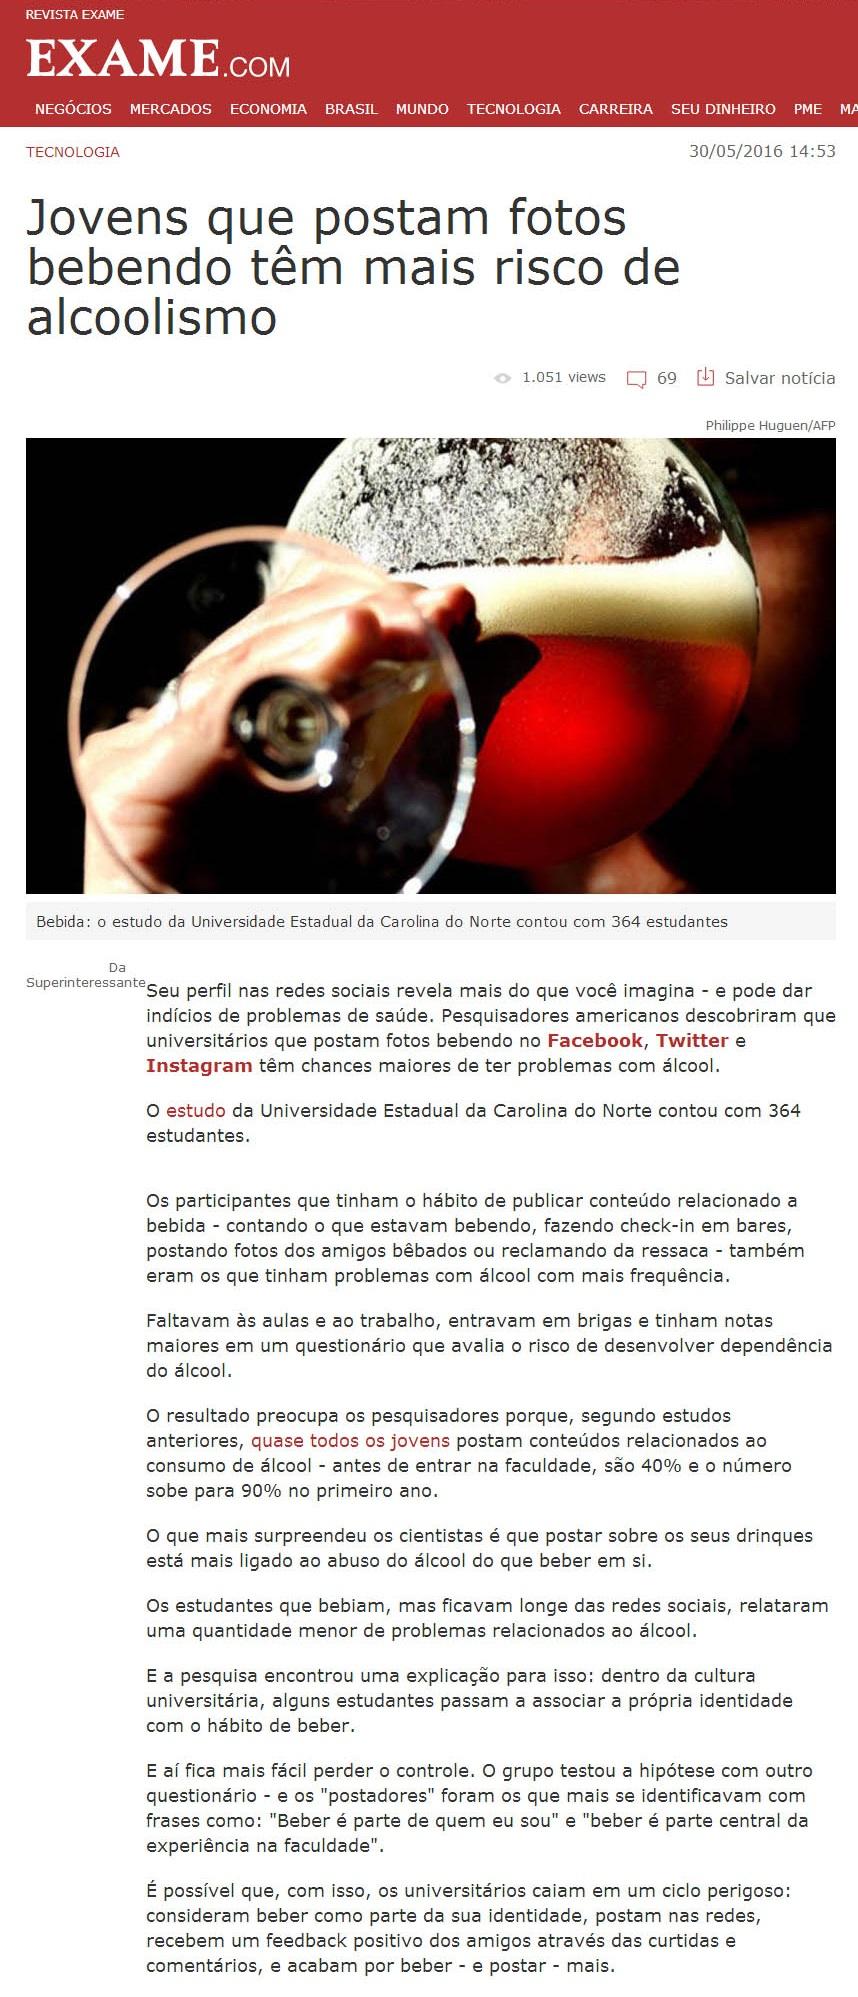 Jovens que postam fotos bebendo têm mais risco de alcoolismo.